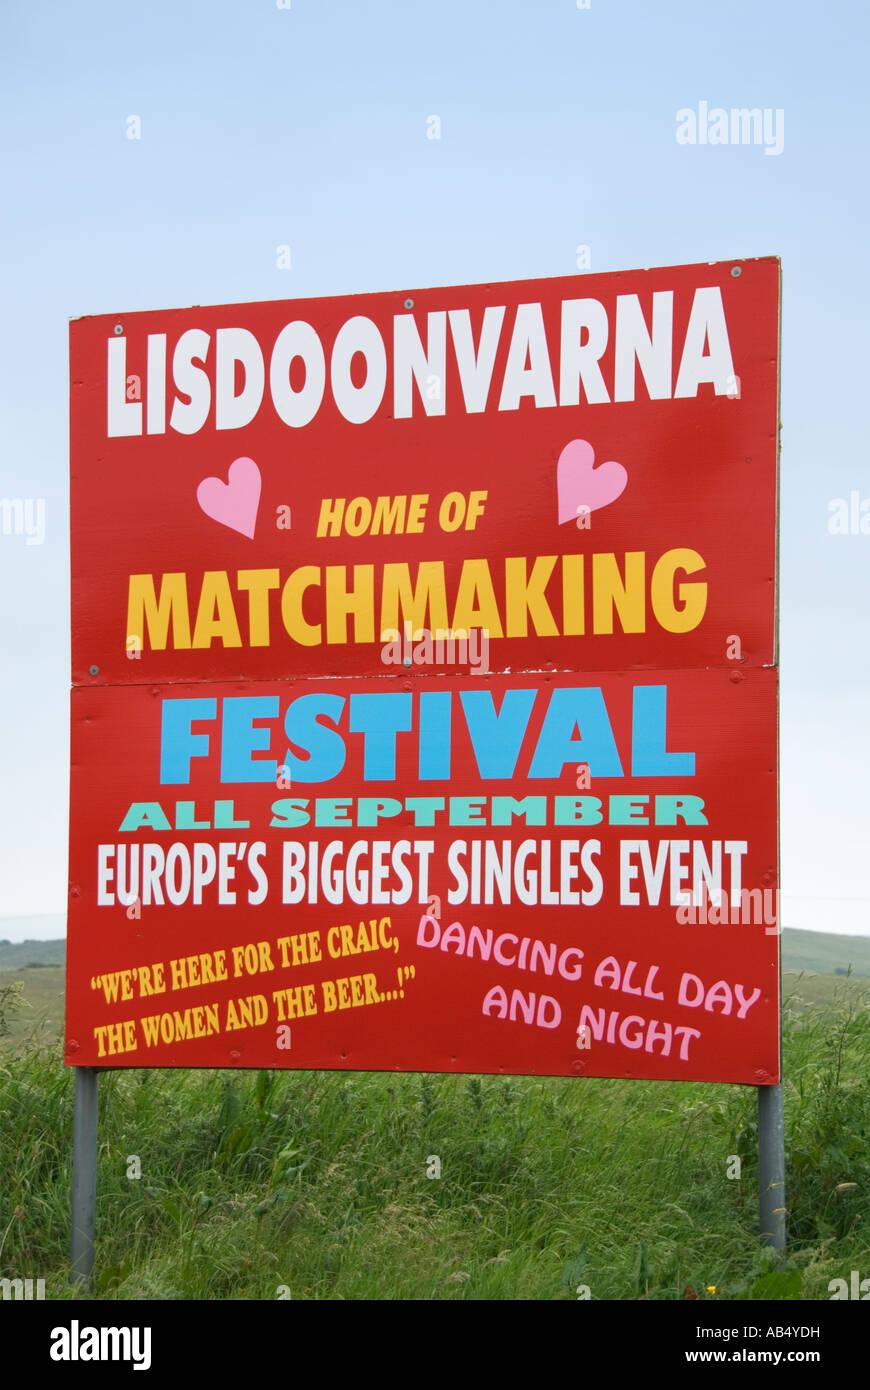 Lisdoonvarna Matchmaking weekend